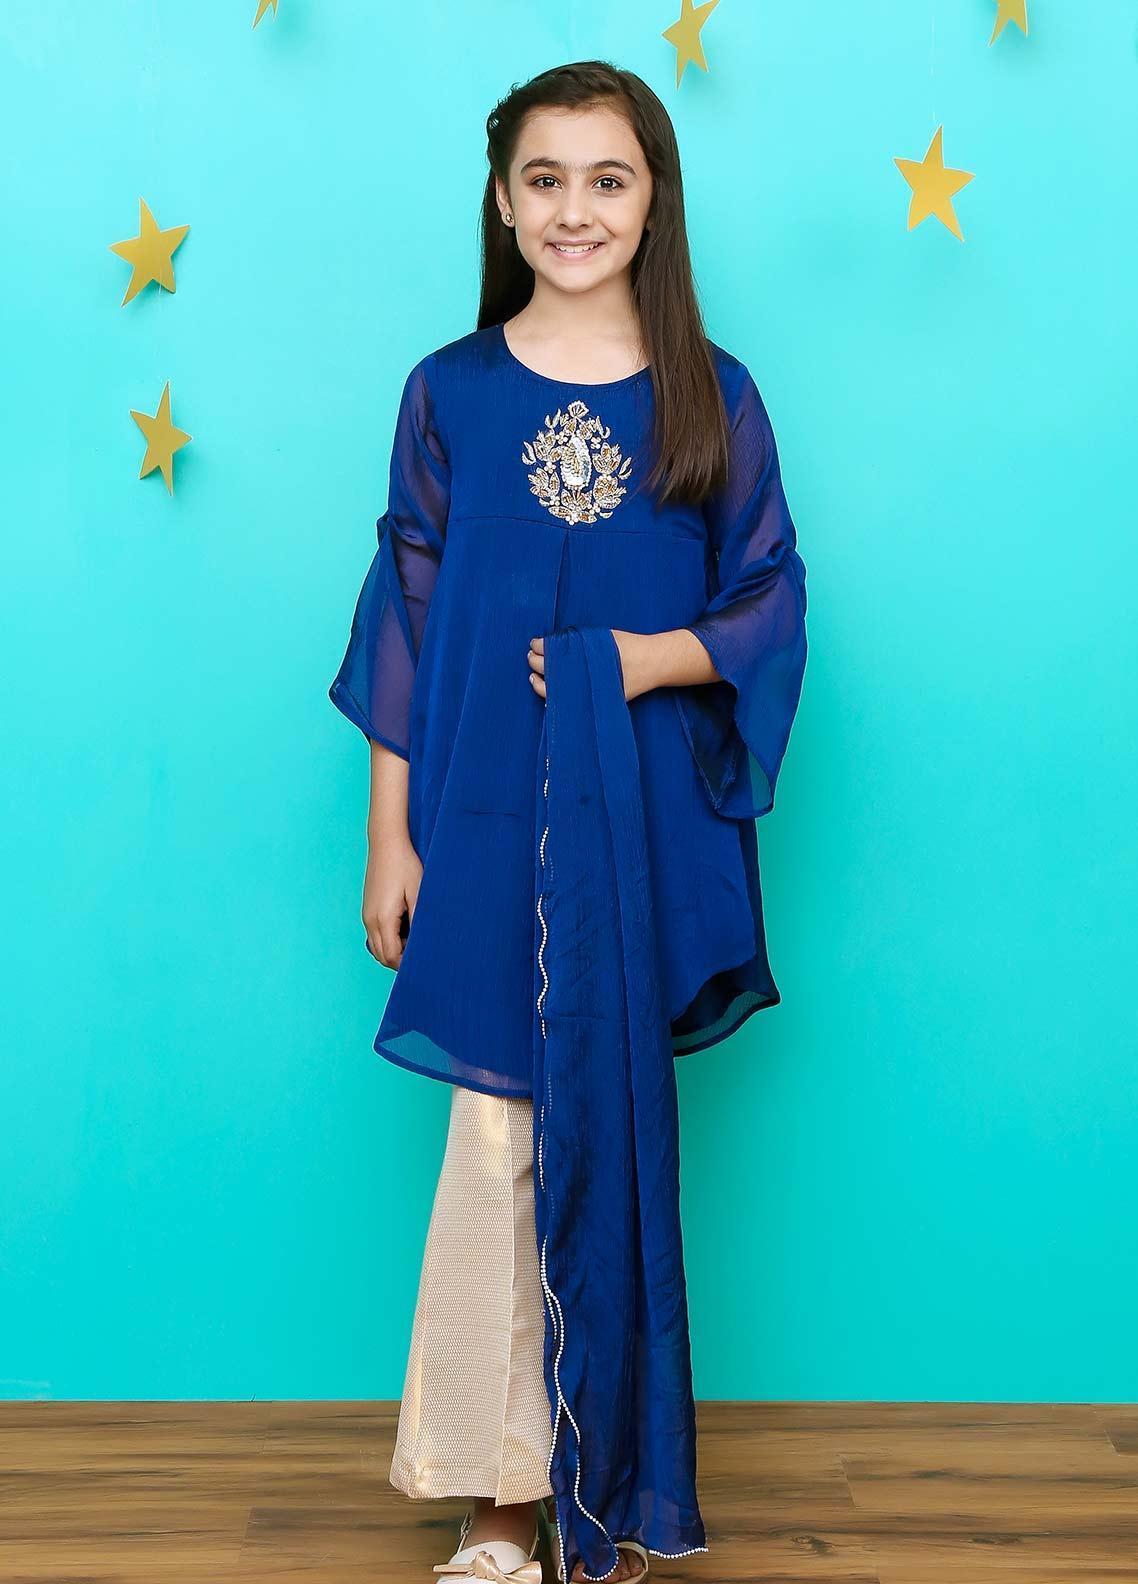 Ochre Chiffon Formal Girls 3 Piece Suit - OFW 208 Royal Blue